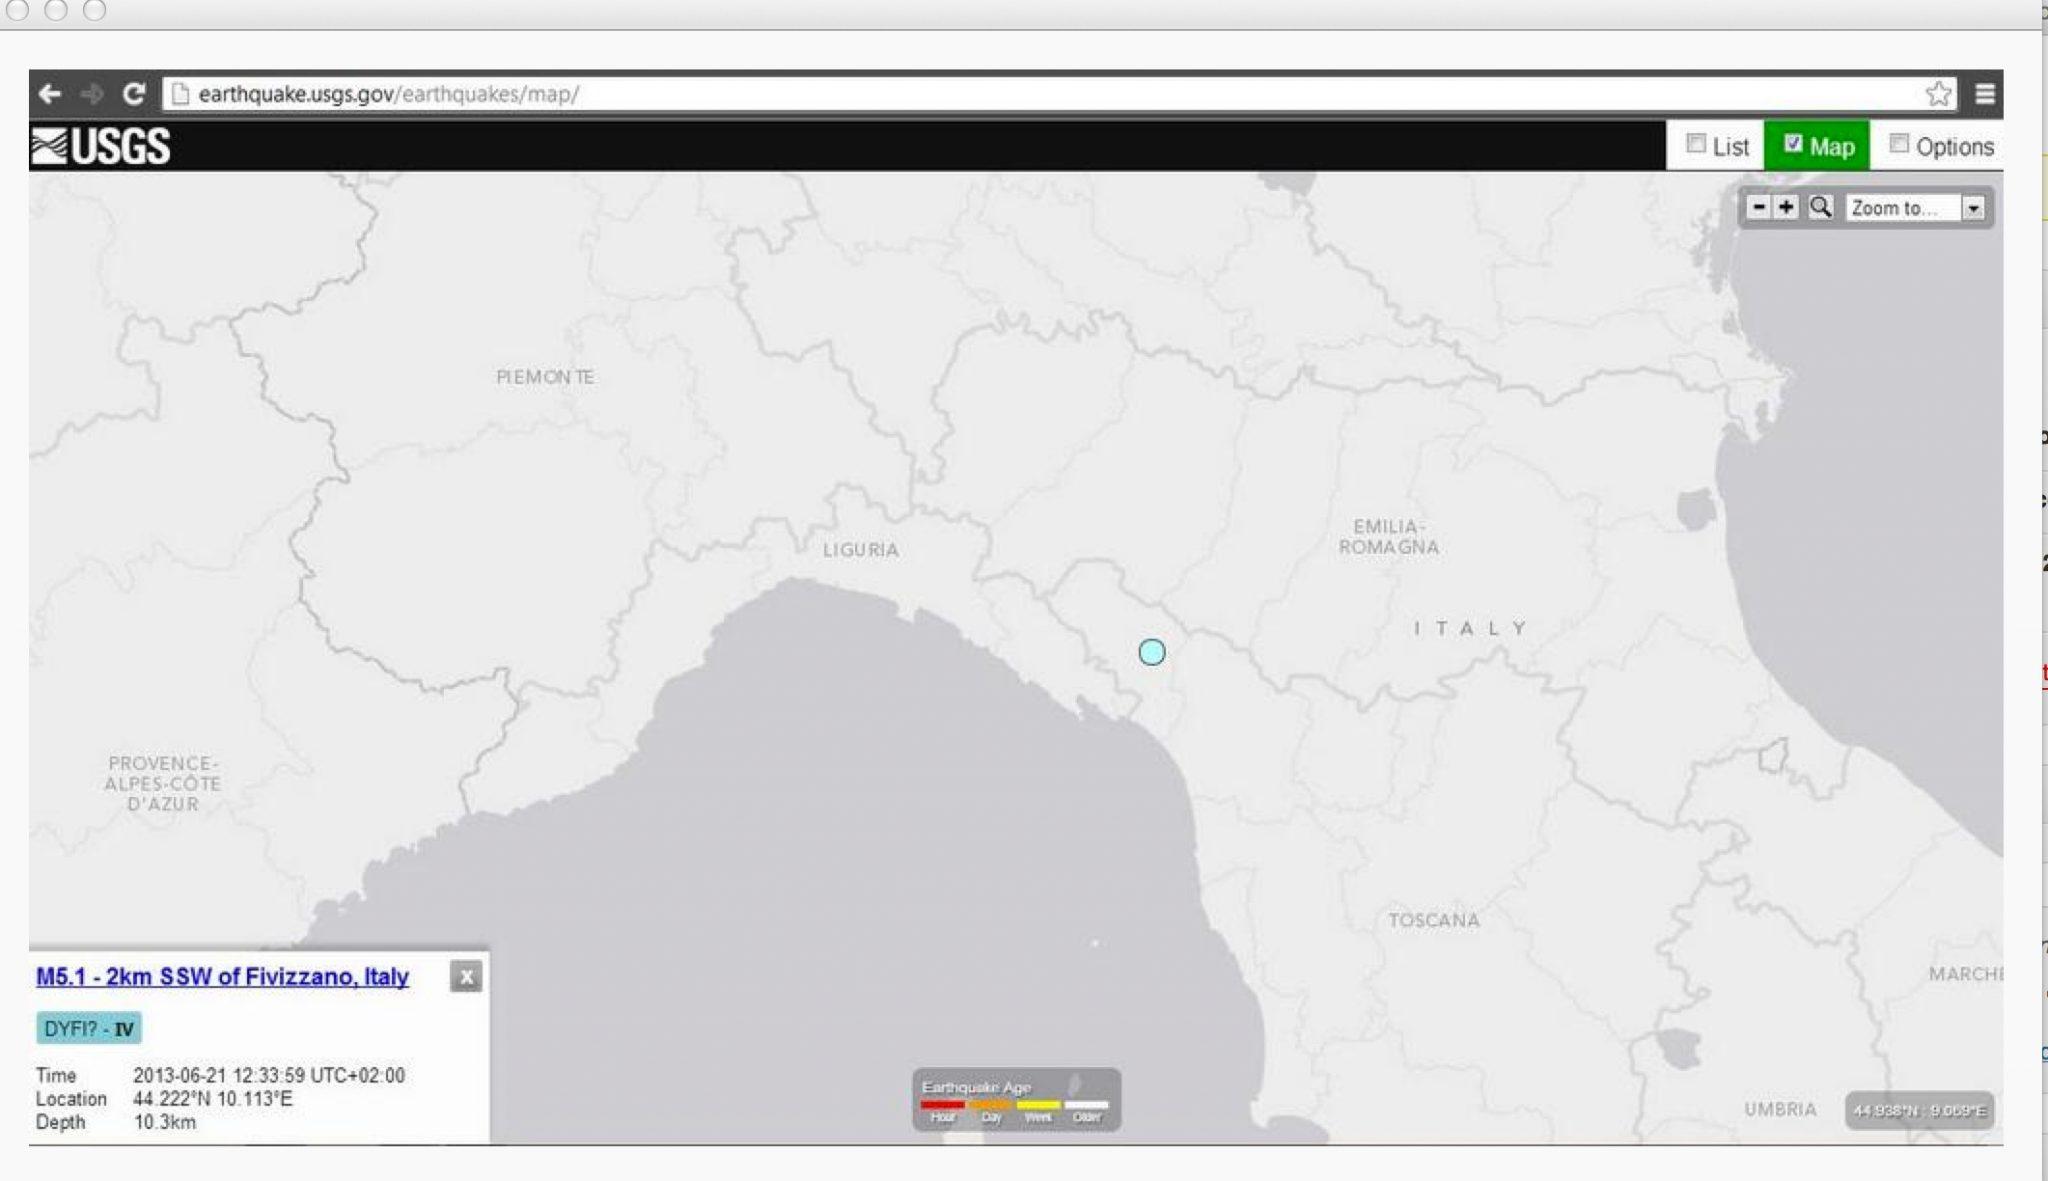 epicentro terremoto centro nord italia - #terremoto nel nord e centro italia, su twitter continuano gli aggiornamenti in tempo reale